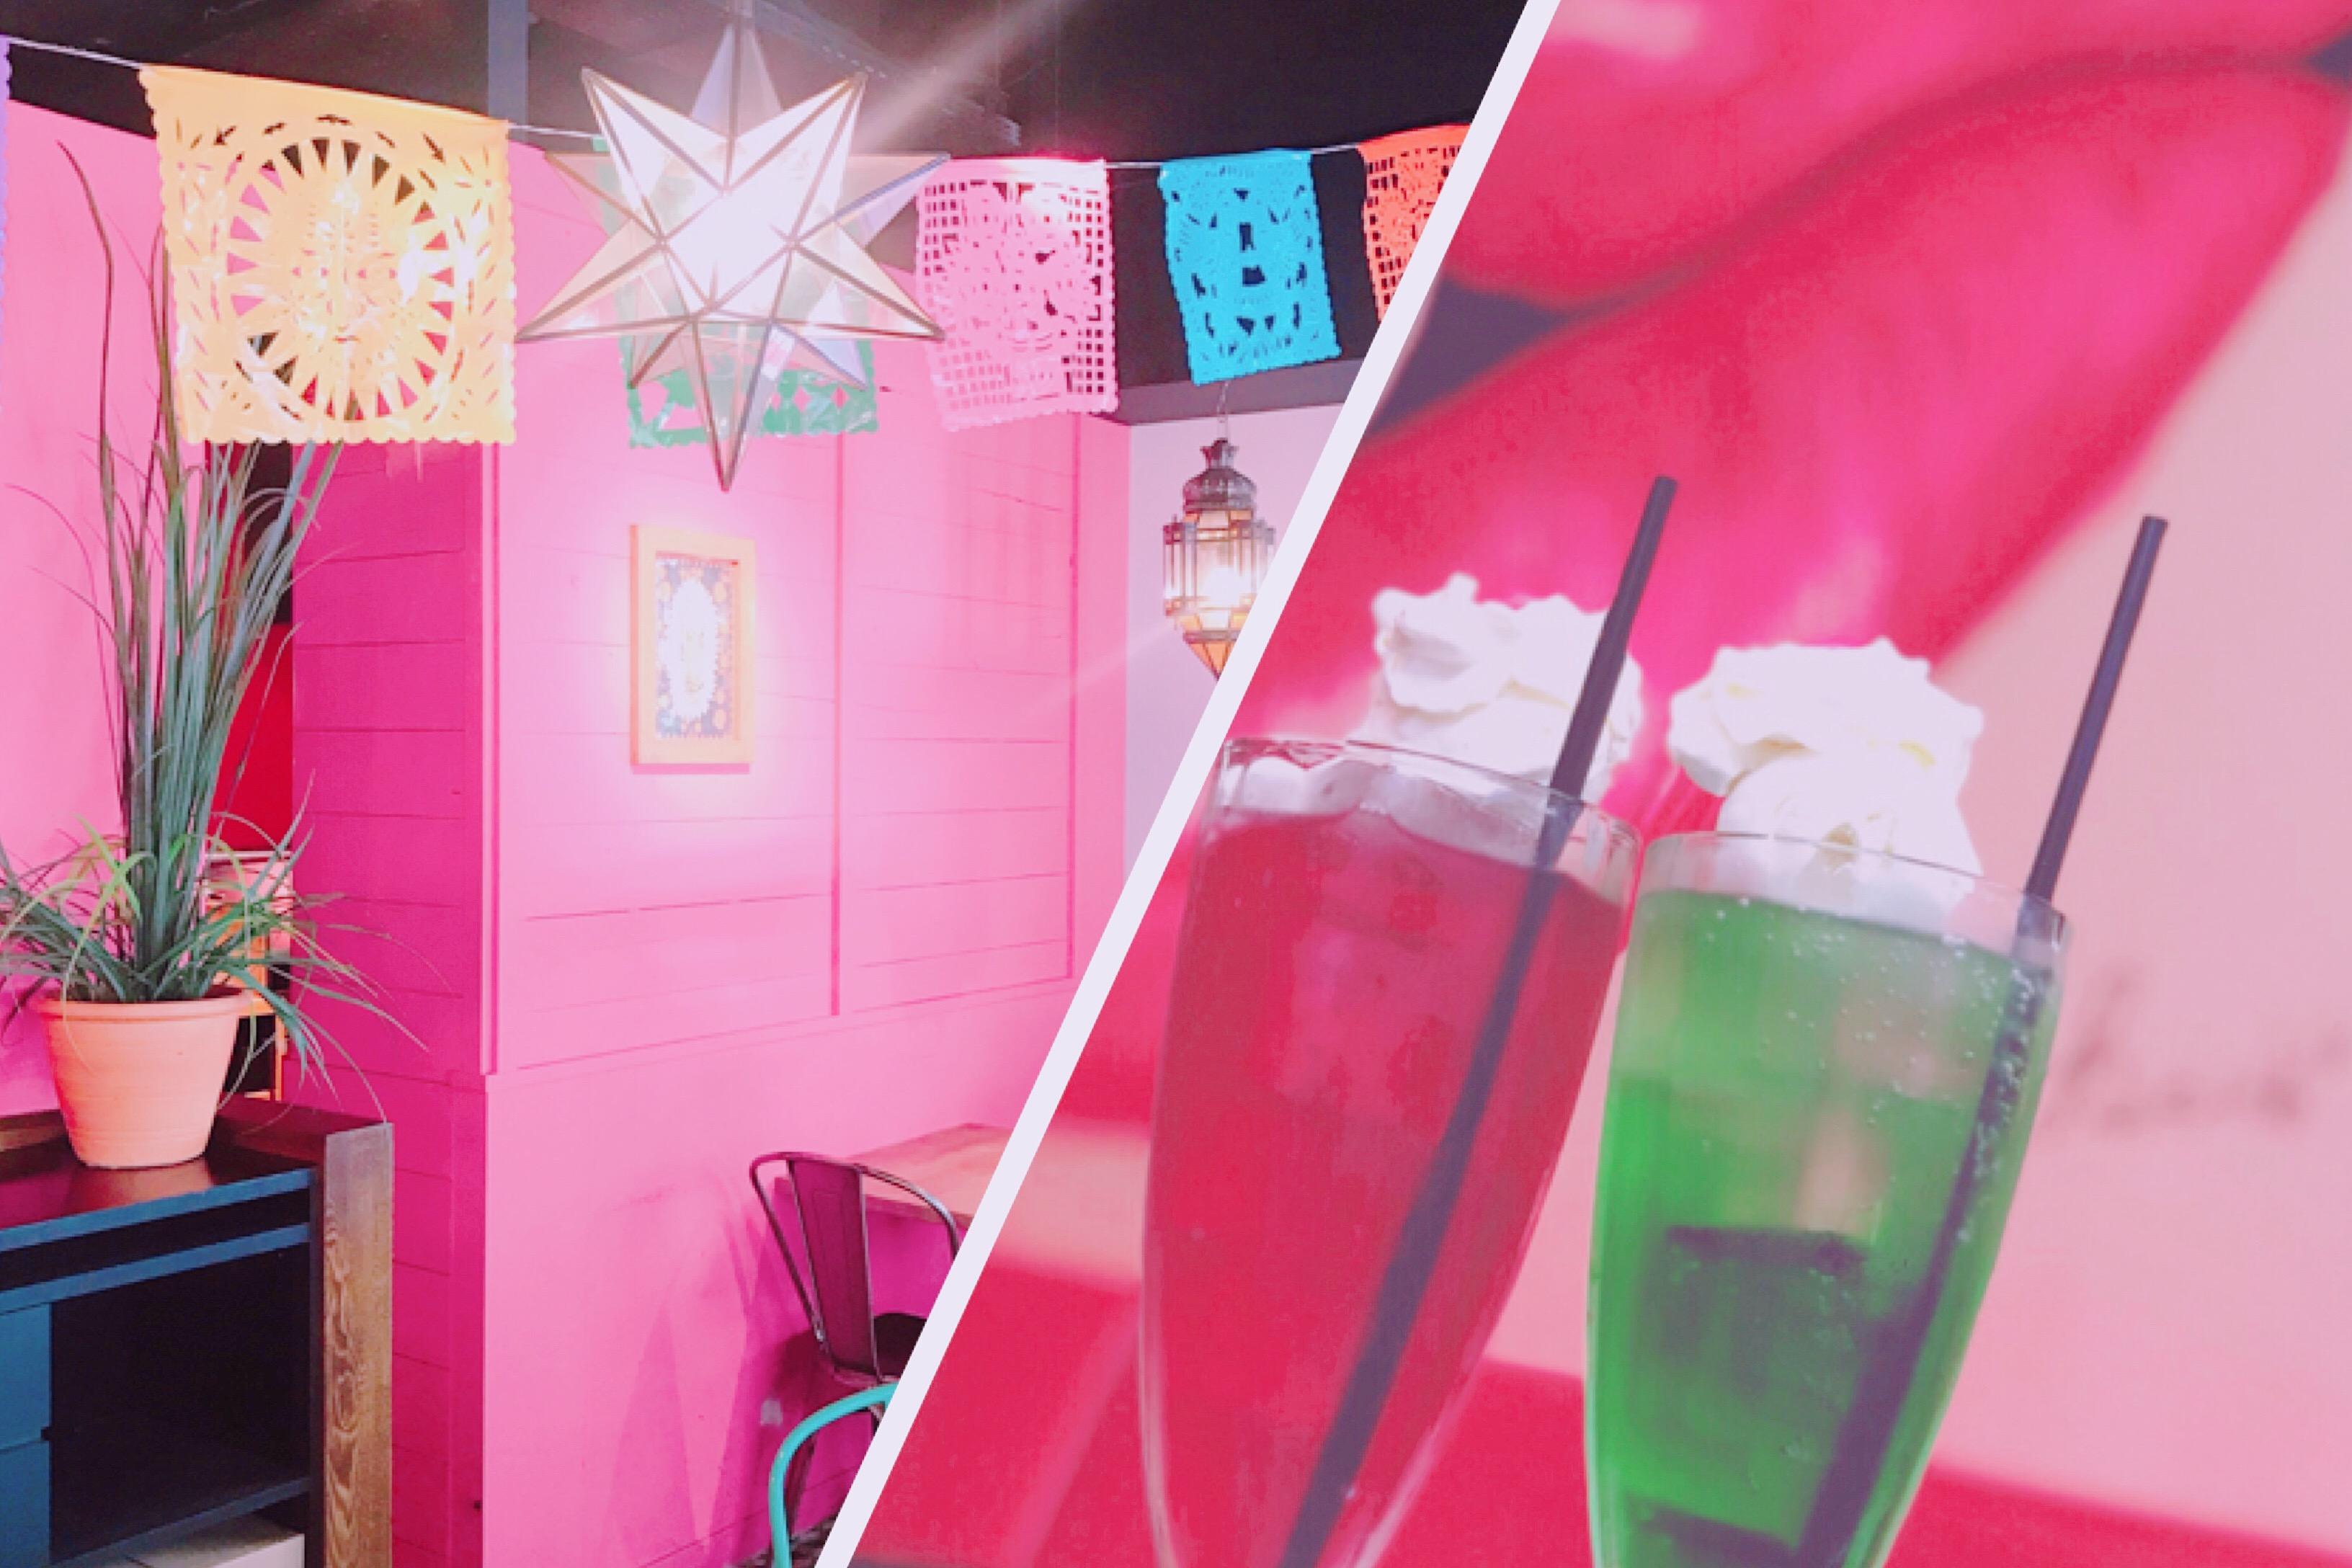 渋谷で発見!ピンクでかわいいフォトジェニックカフェ♡